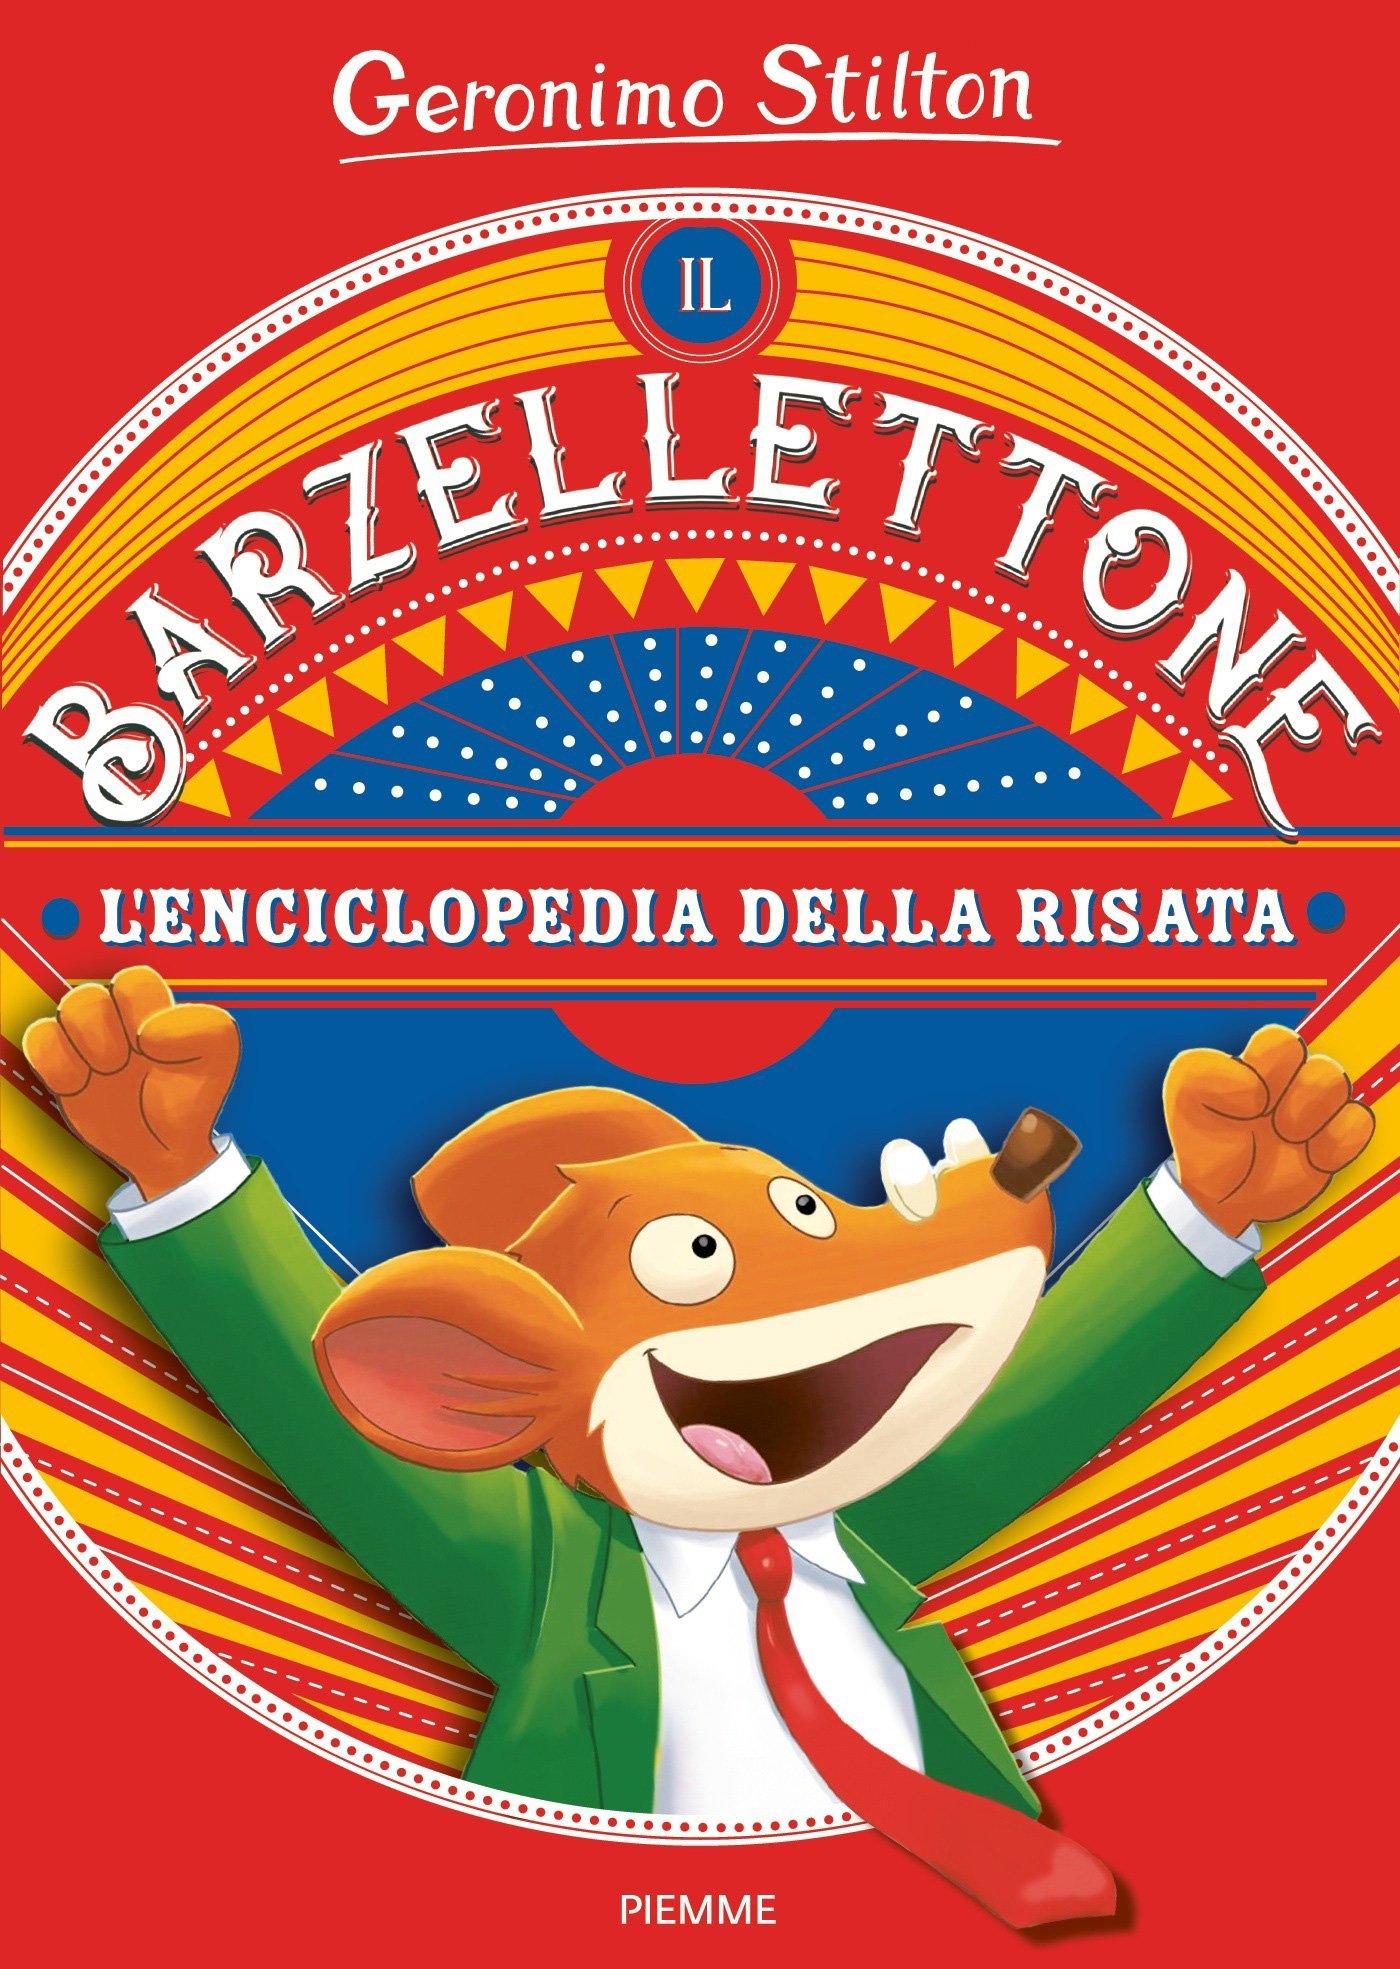 Il barzellettone. L'enciclopedia della risata Copertina flessibile – 12 giu 2018 Geronimo Stilton A. Denegri G. Facciotto Piemme